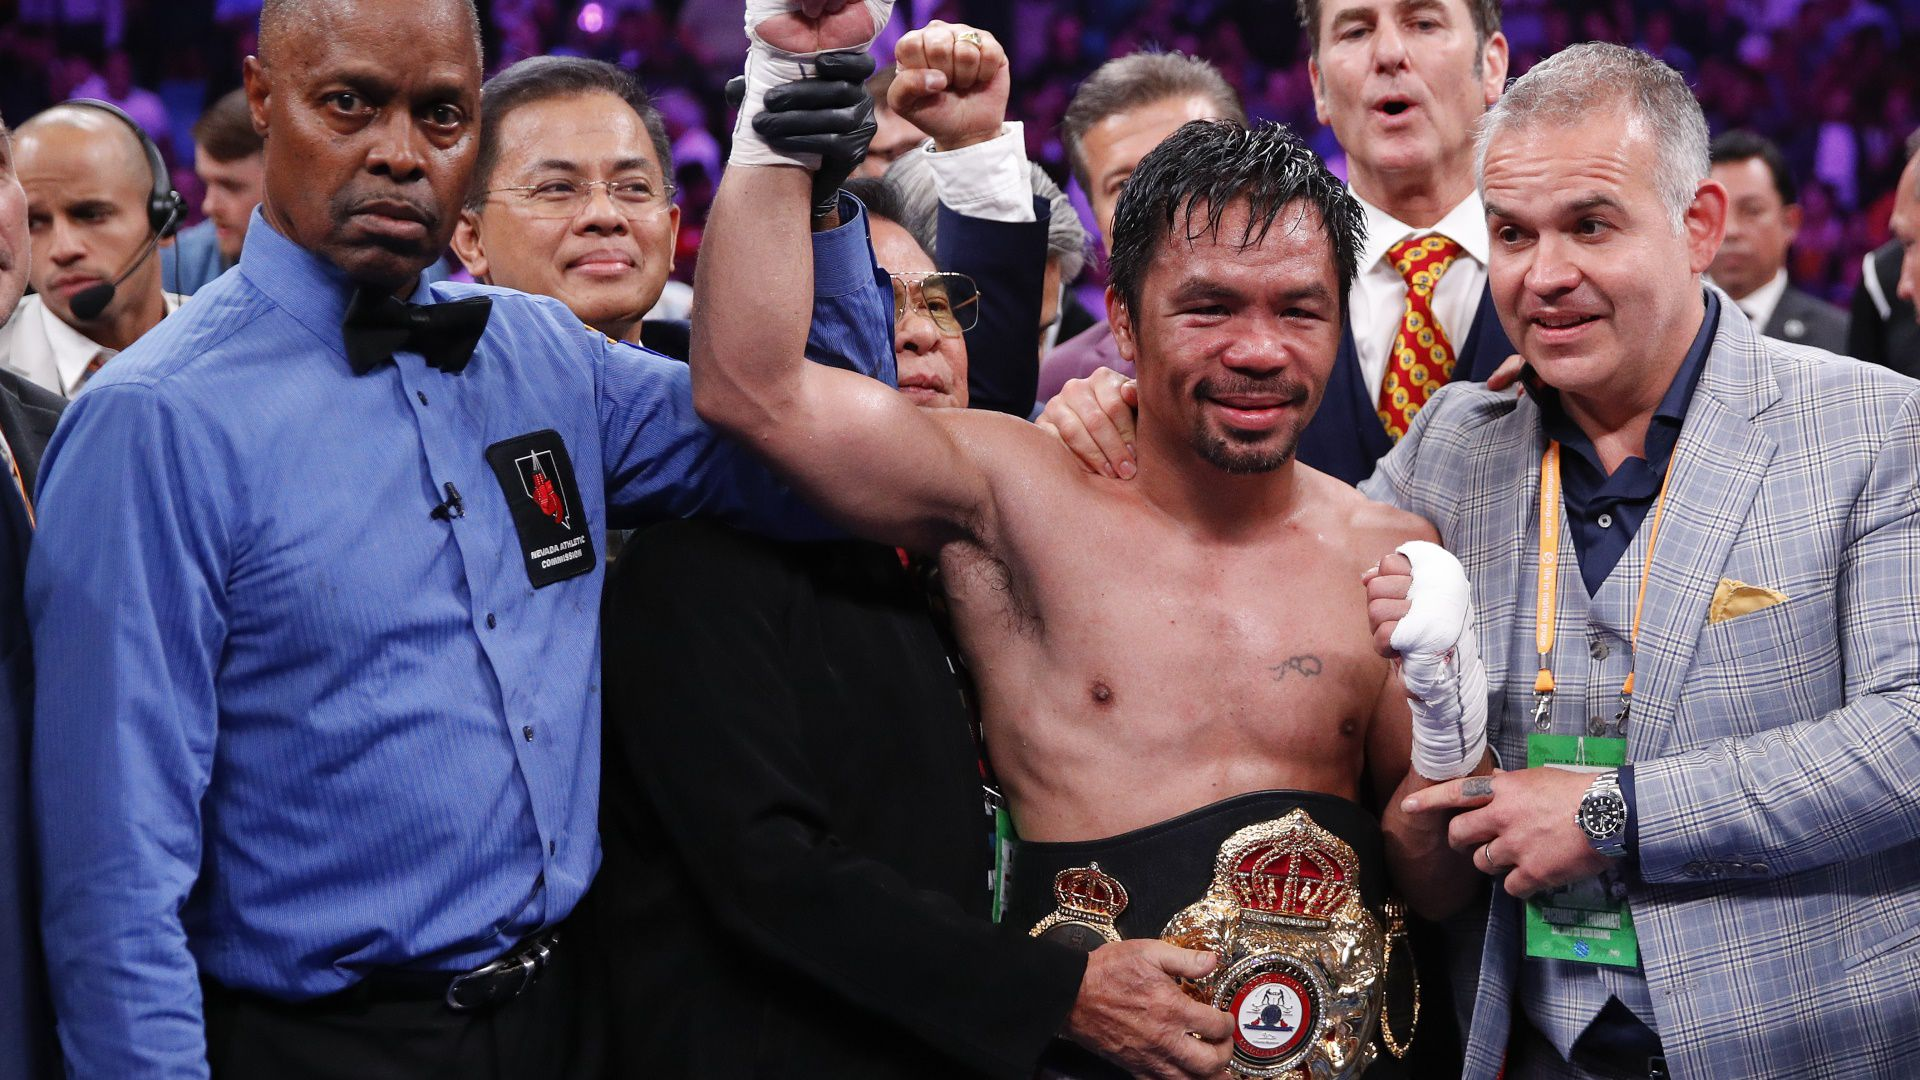 Con este imponente triunfo, Pacquiao logró unificar la corona peso wélter de la Asociación Mundial de Boxeo (Foto: AP)